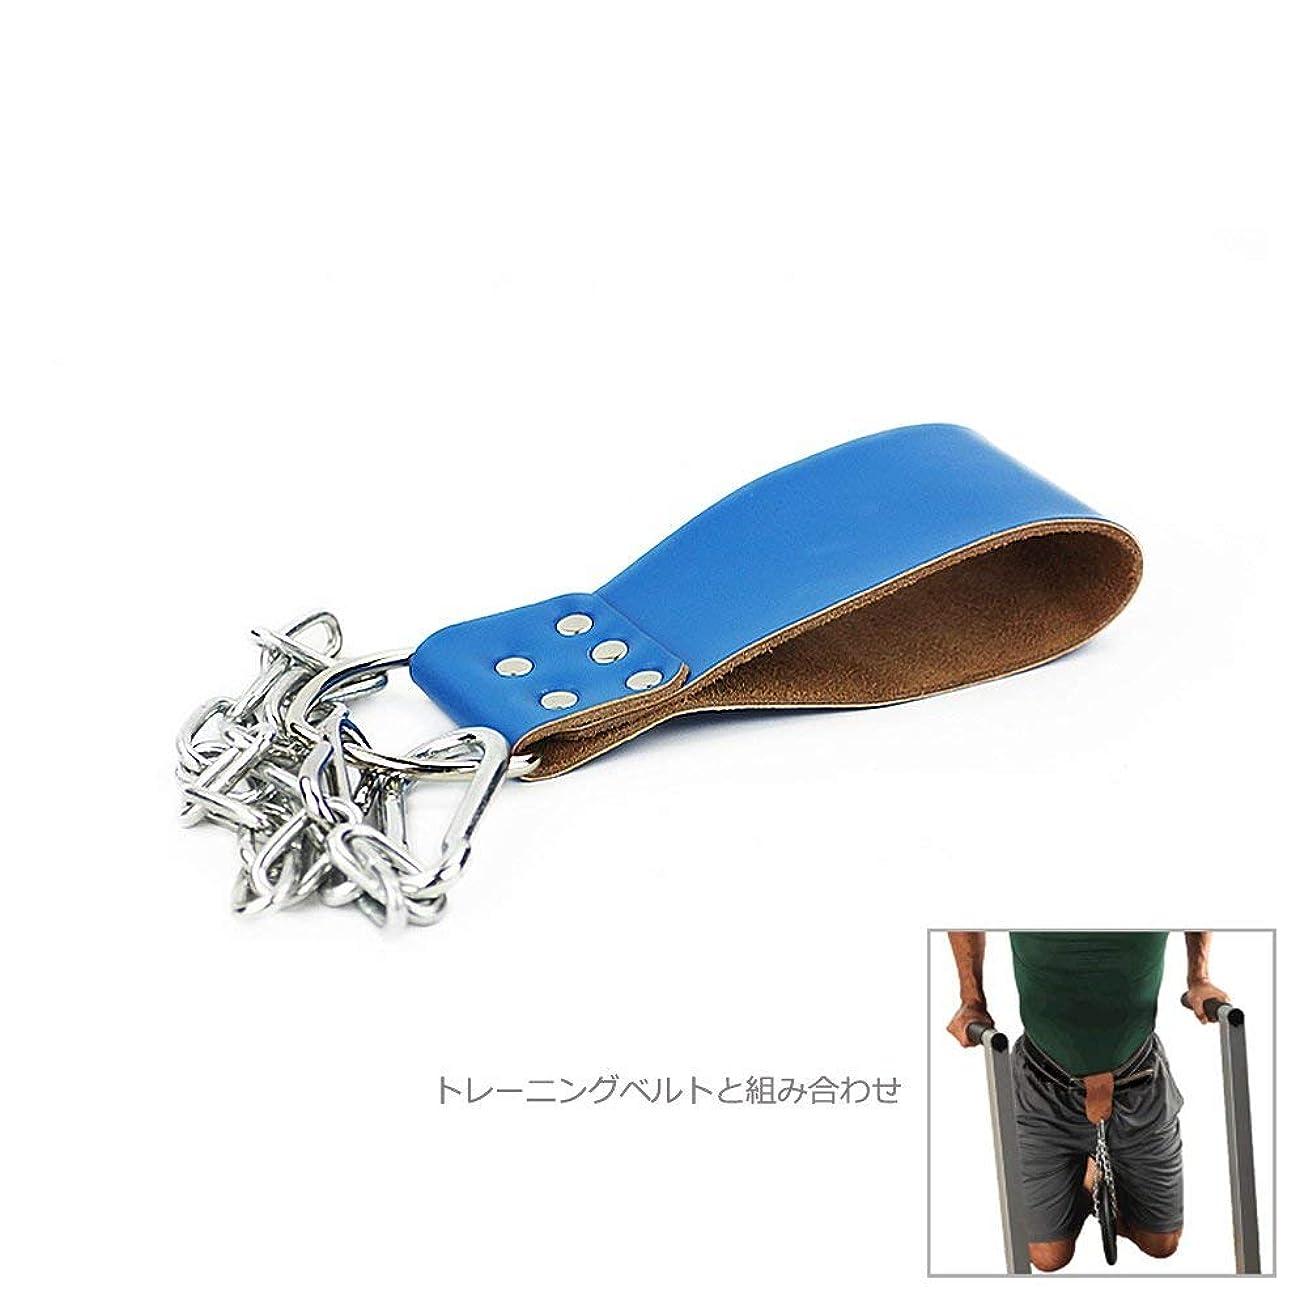 バーチャルジュース大学生レザー ディッピングベルト 筋トレ 懸垂用 トレーニングベルトと組み合わせ